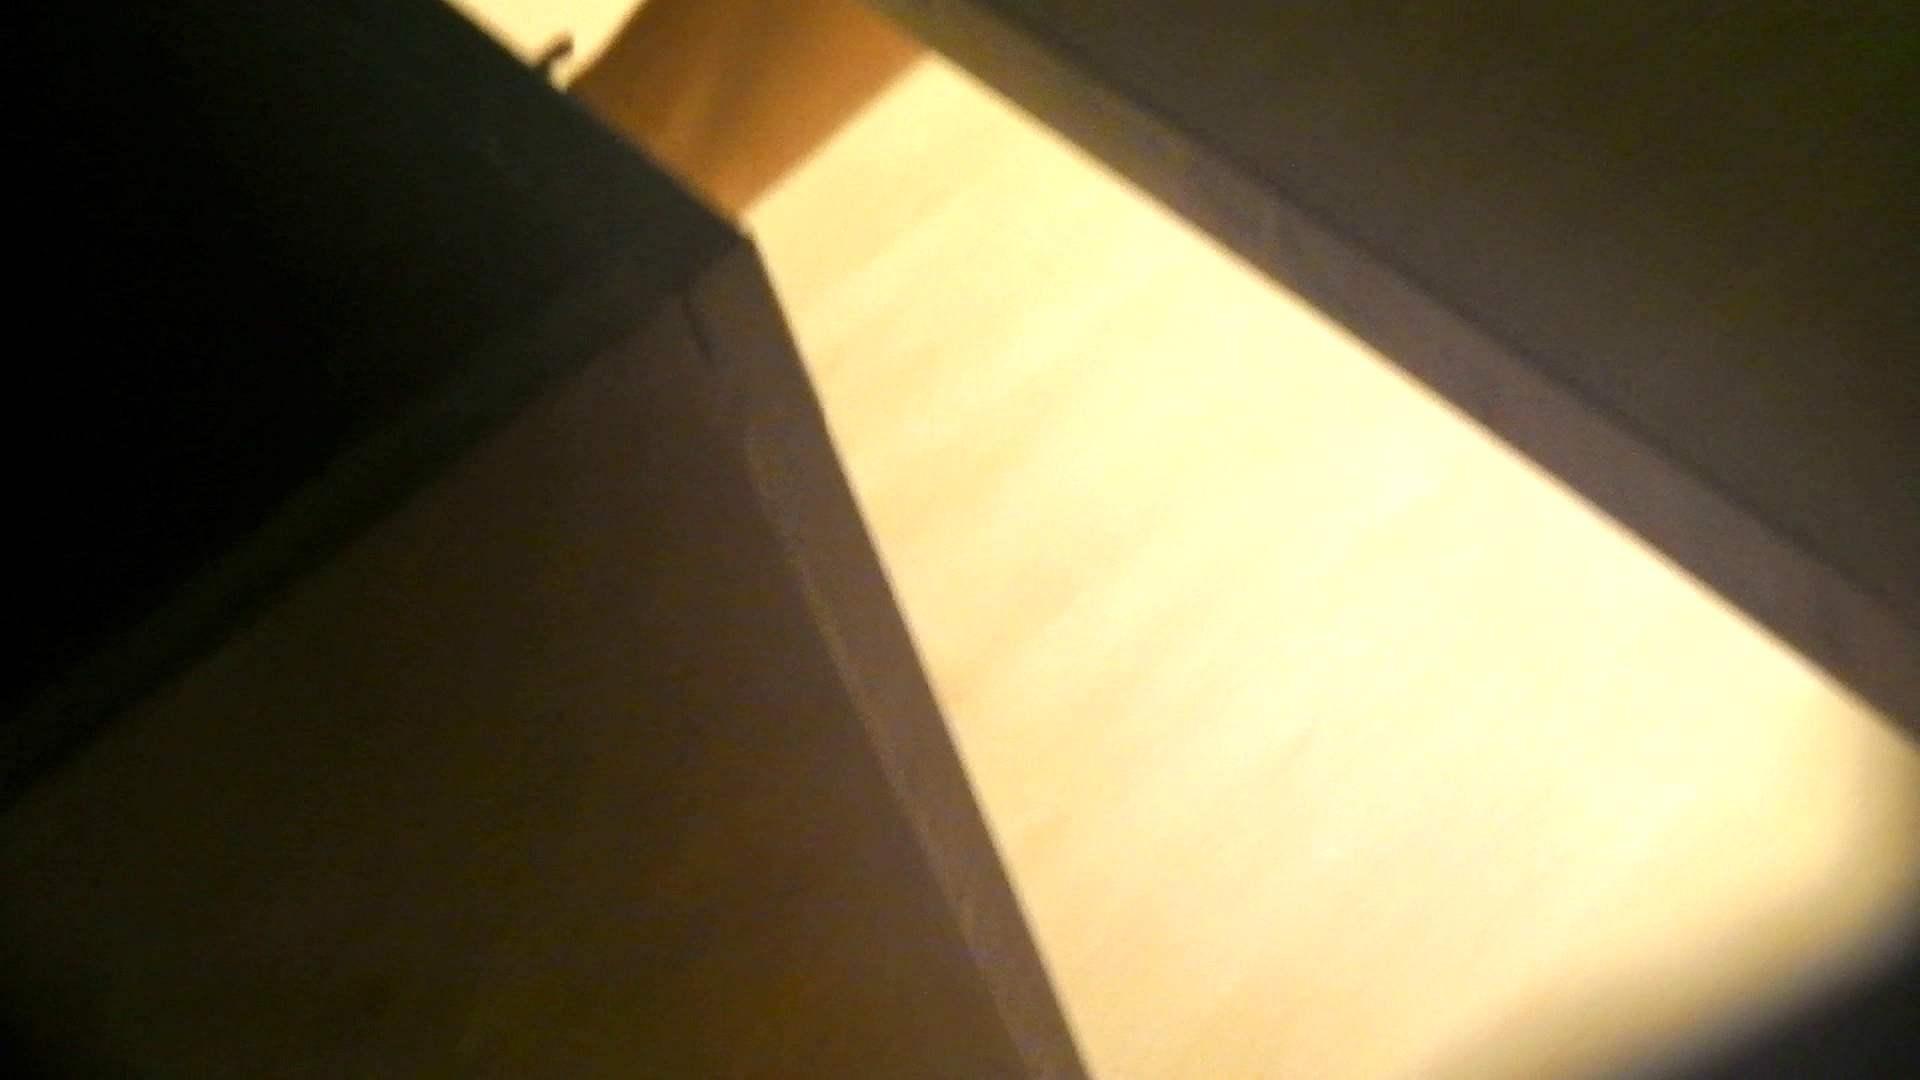 阿国ちゃんの「和式洋式七変化」No.14 丸見え おまんこ無修正動画無料 75枚 75